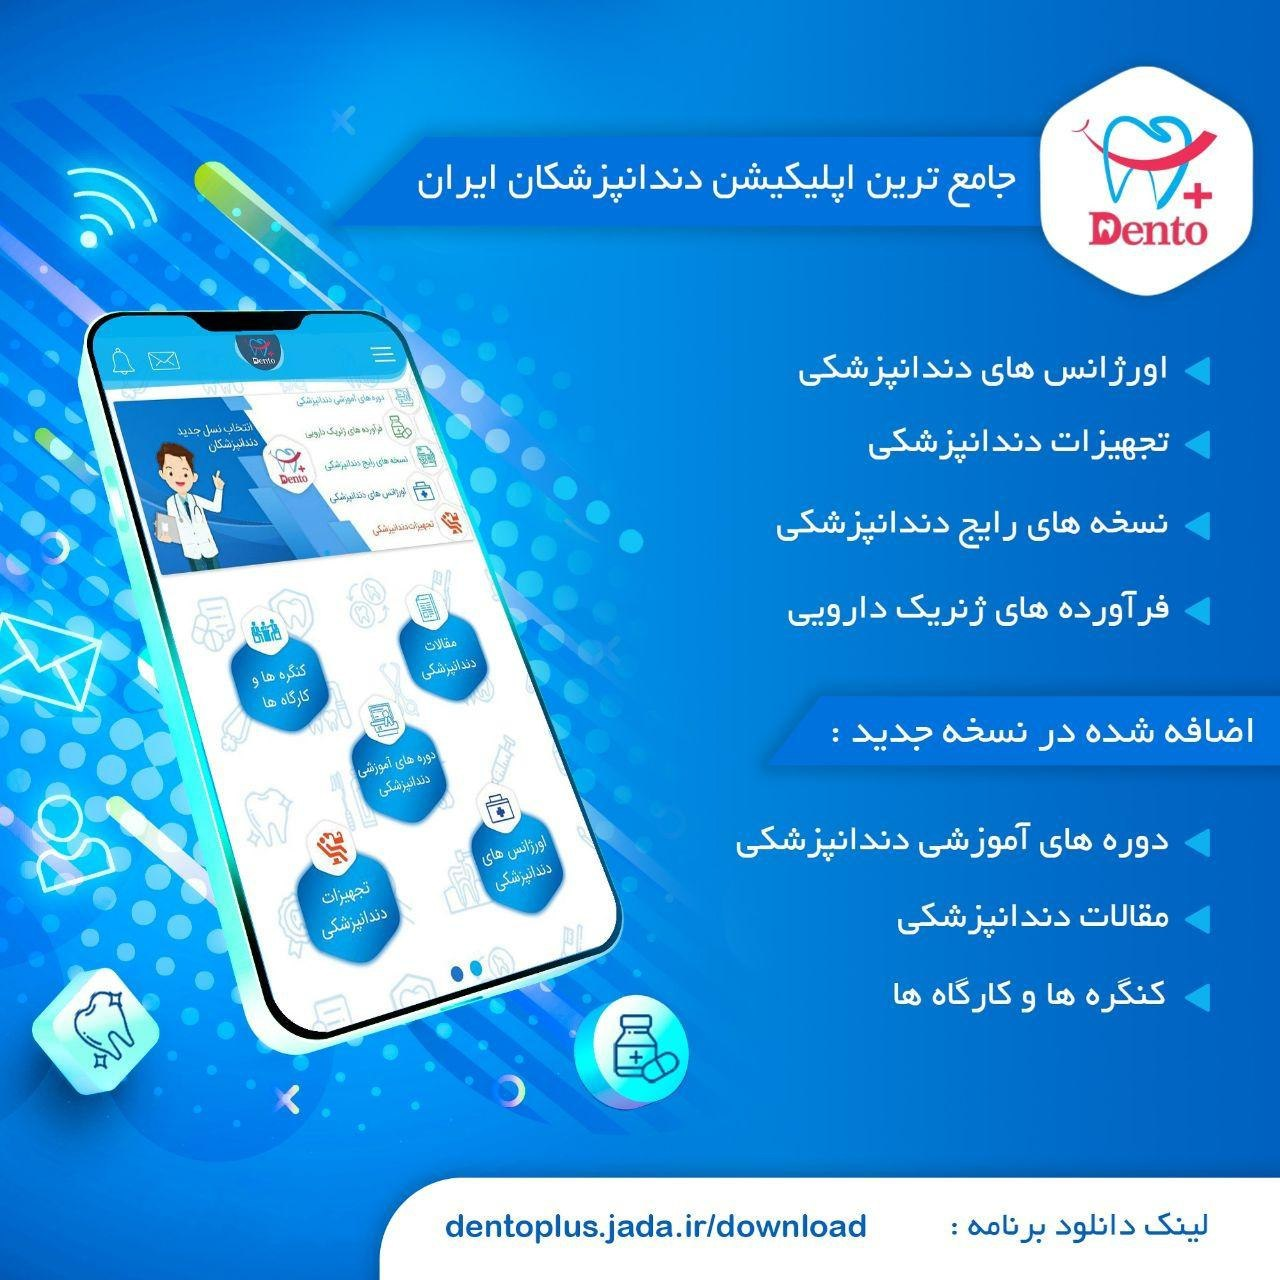 انتشار جدیدترین نسخه اپلیکیشن دنتوپلاس  جامع ترین اپلیکیشن دندانپزشکان ایران